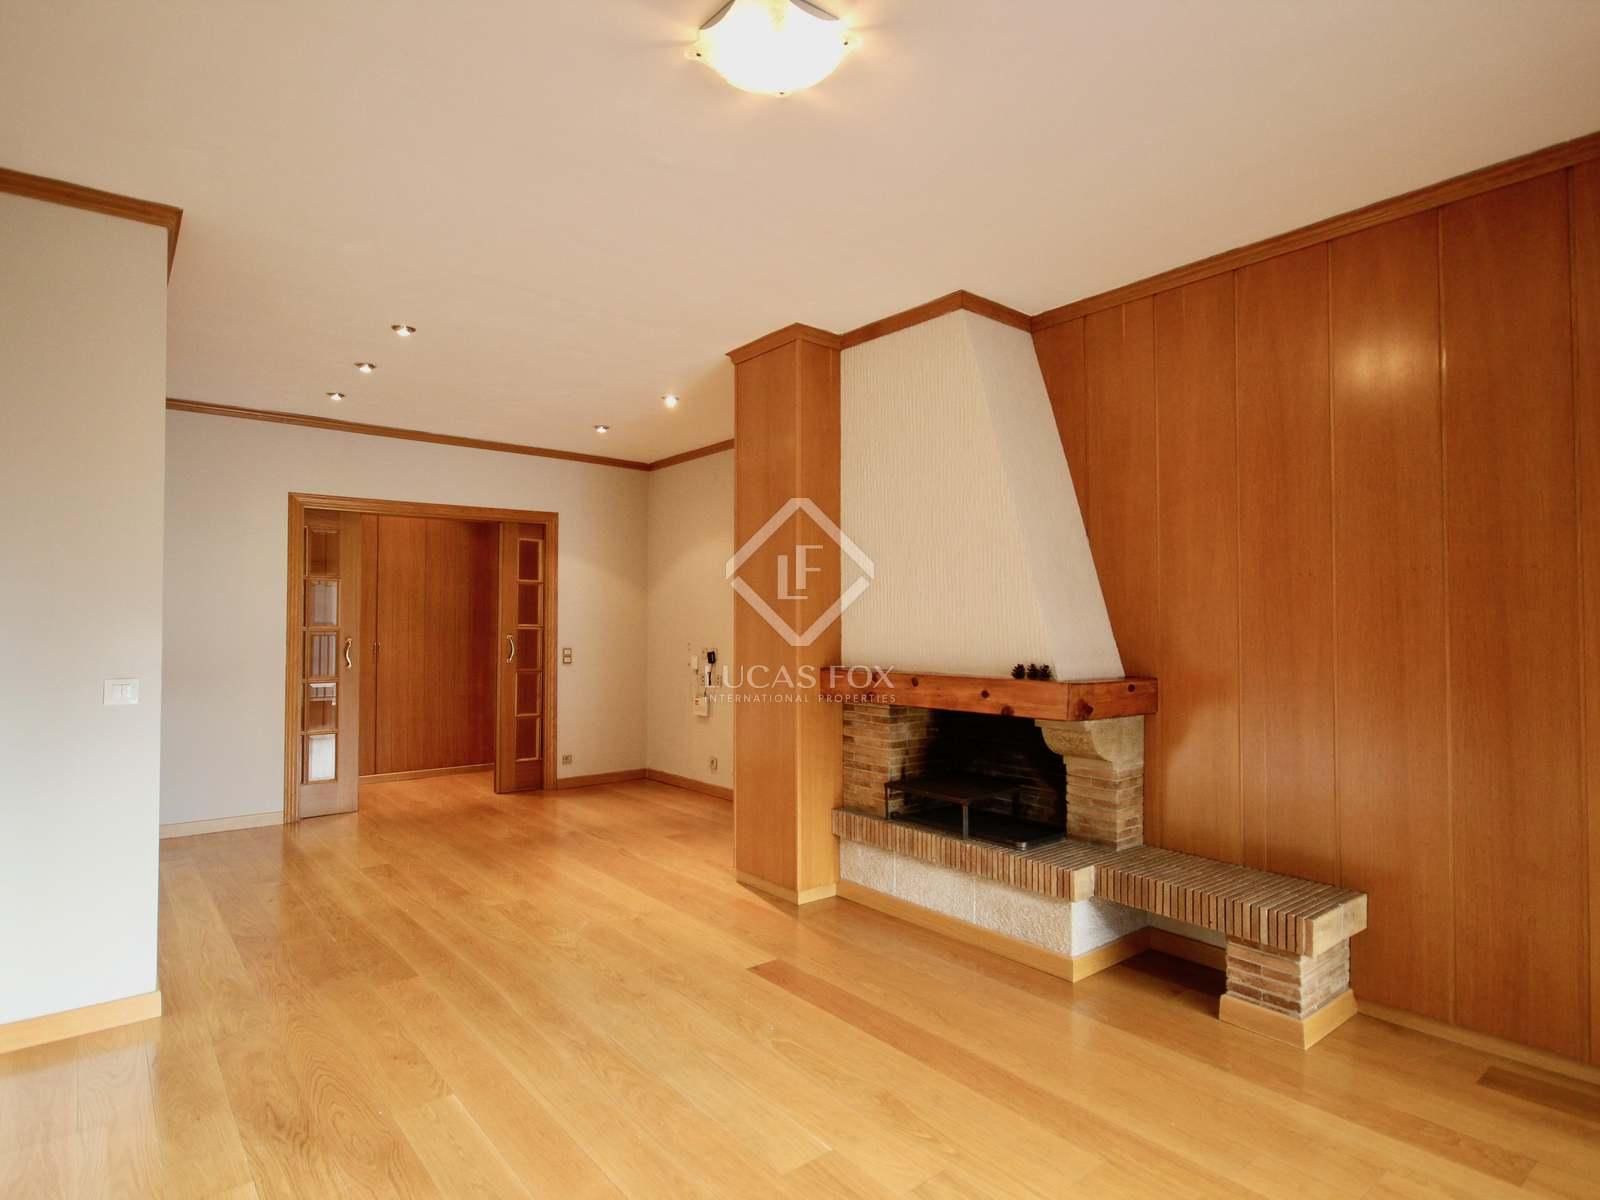 Imatge de la propietat